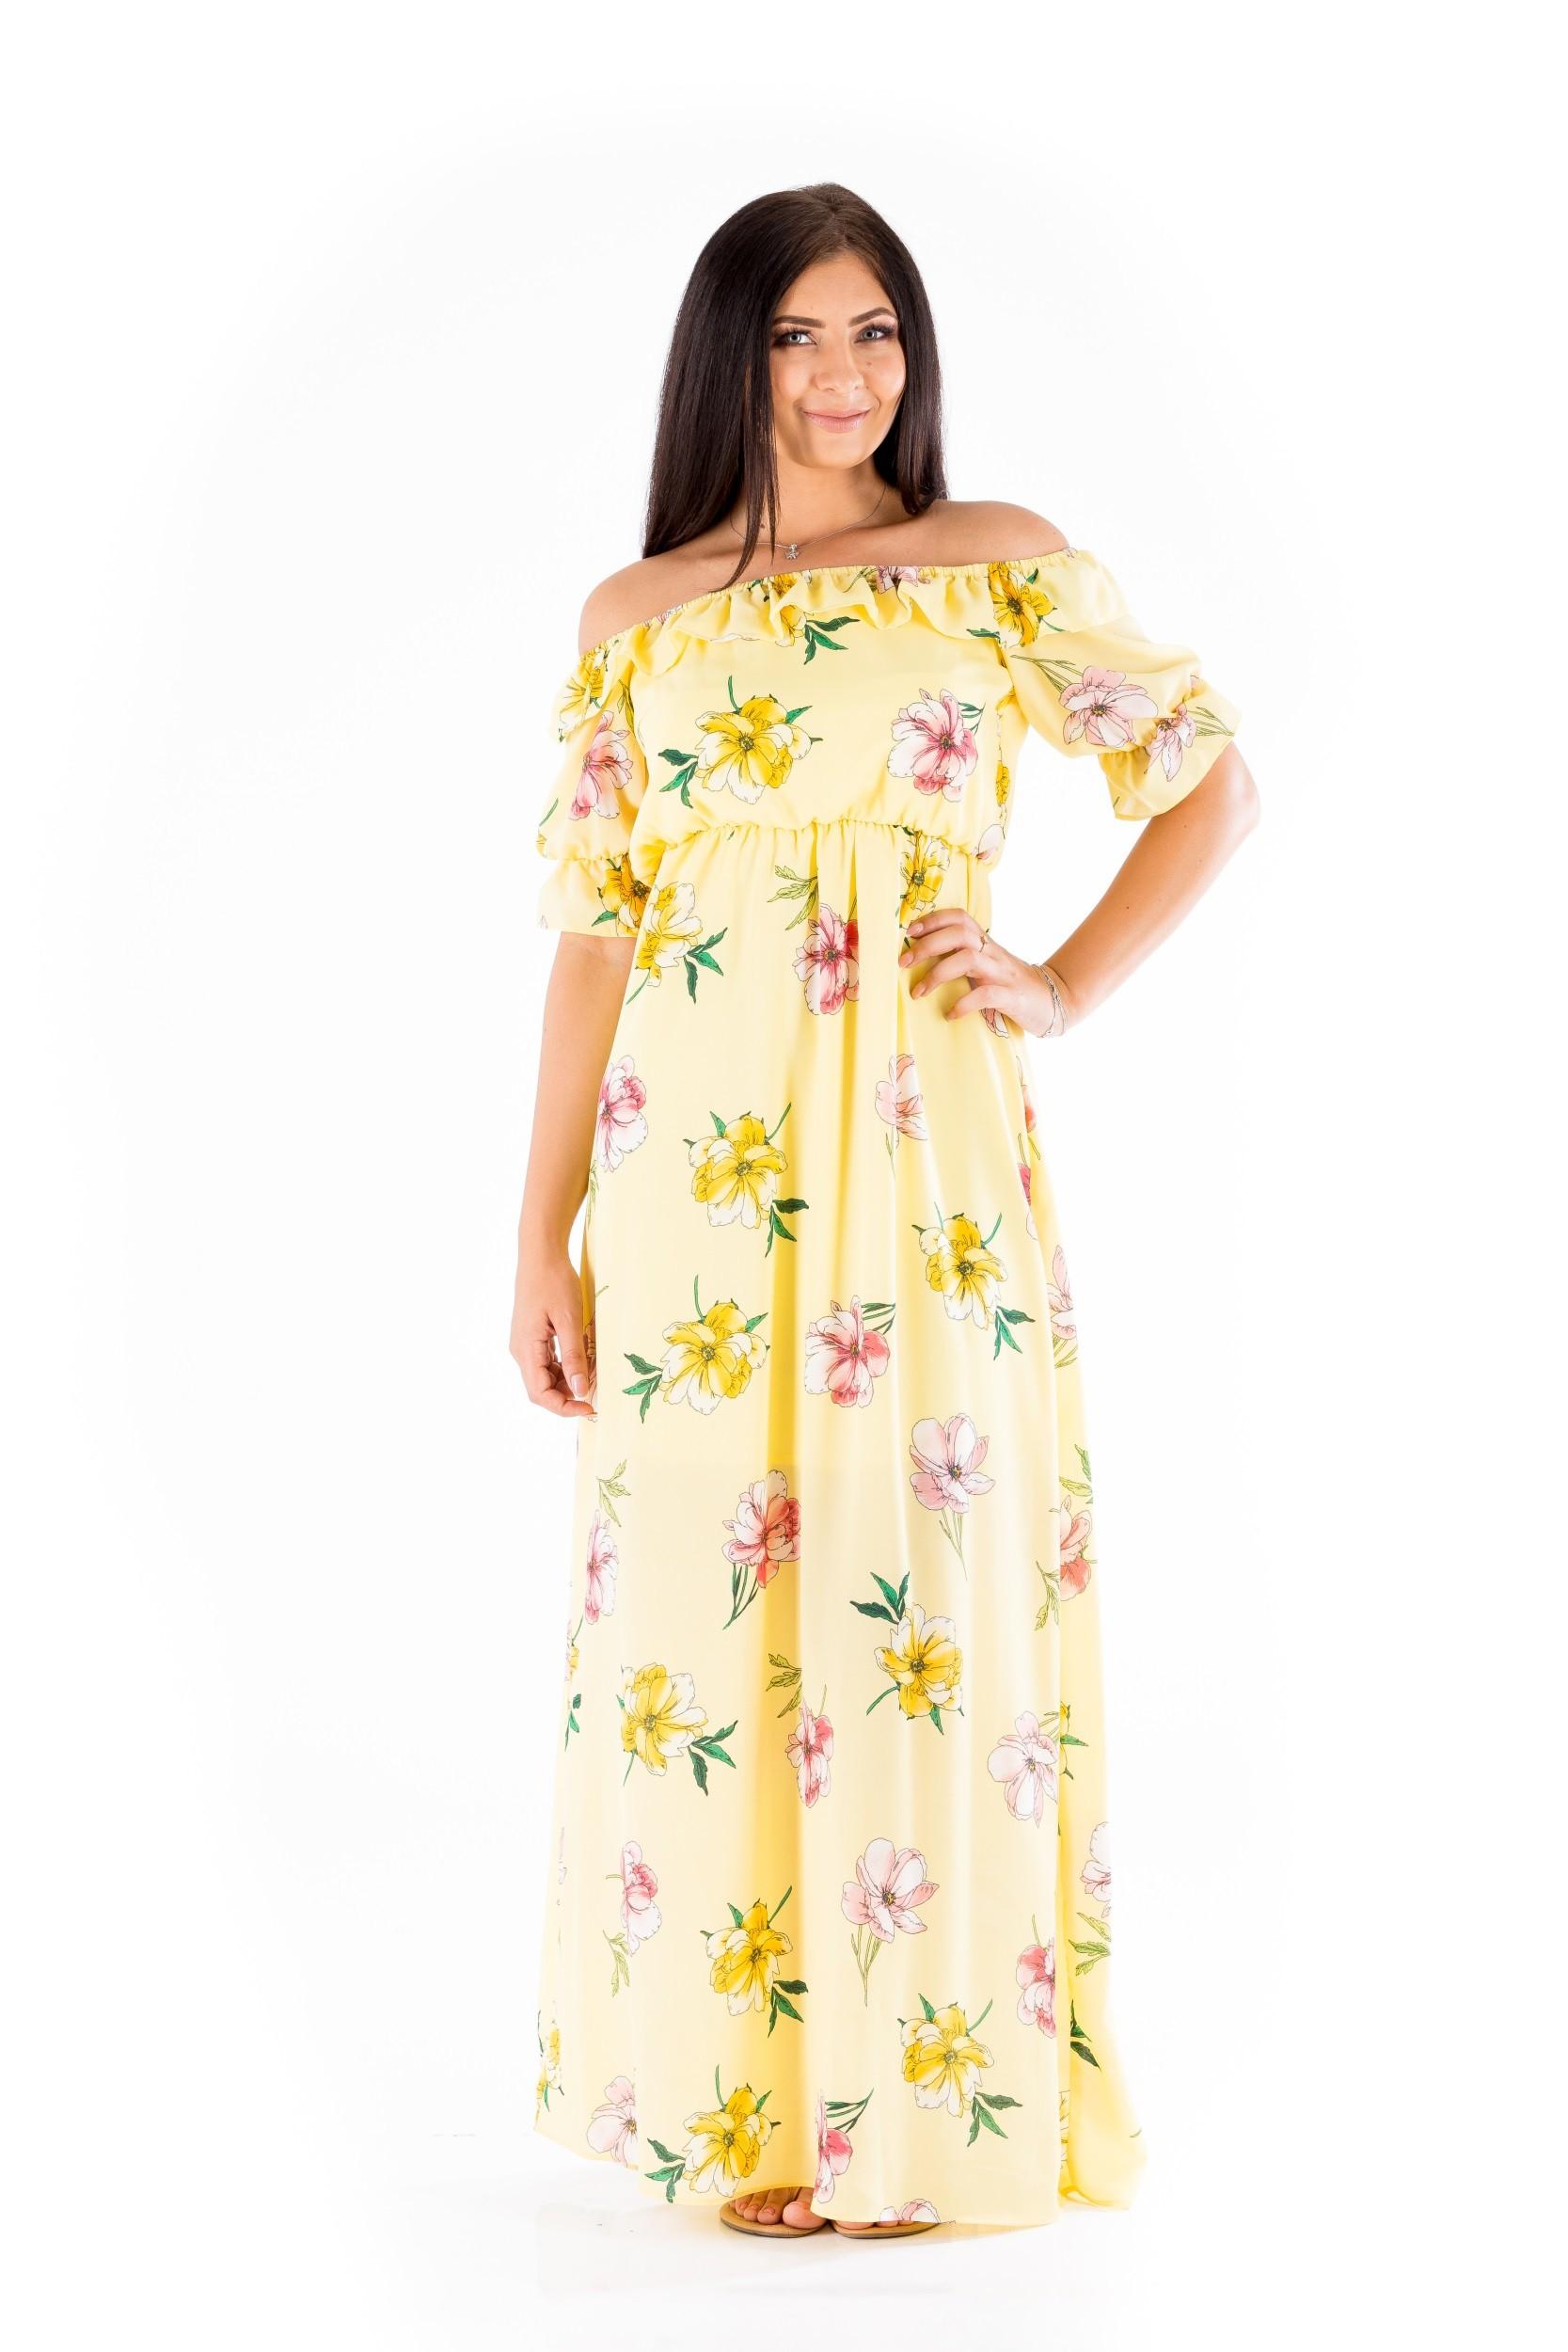 Rochie galbenă cu imprimeu floral